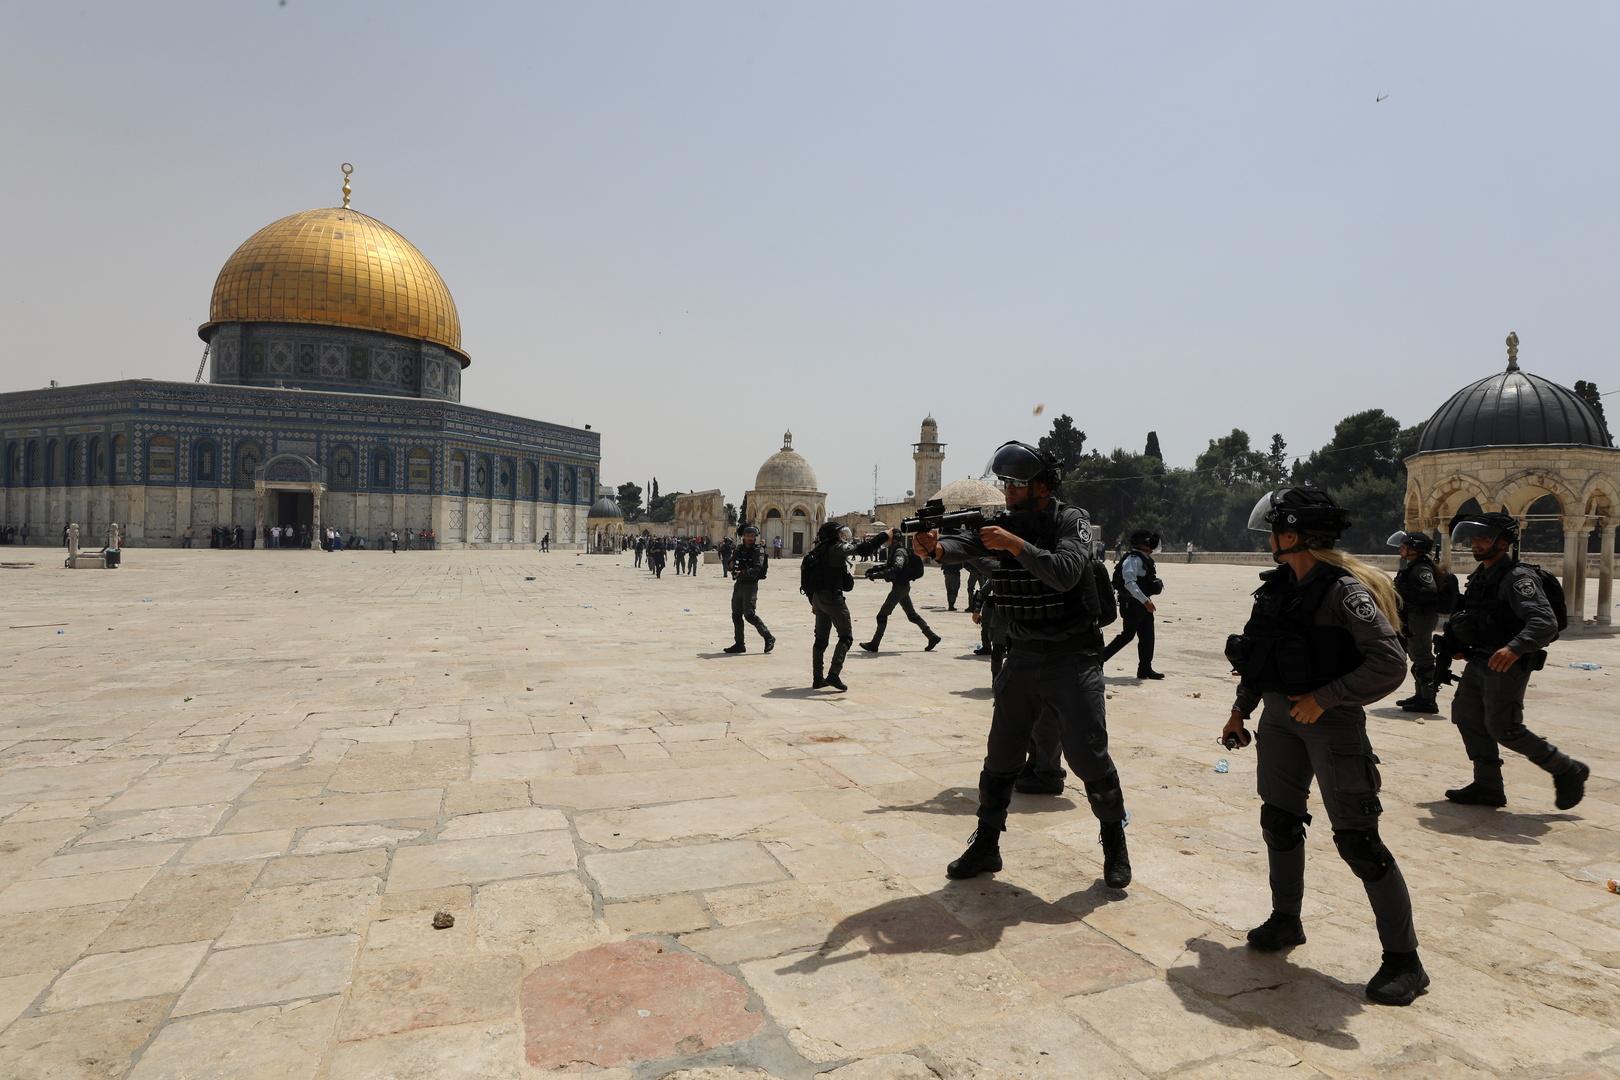 مستوطنون يجددون اقتحامهم للأقصى بحماية الأمن الإسرائيلي